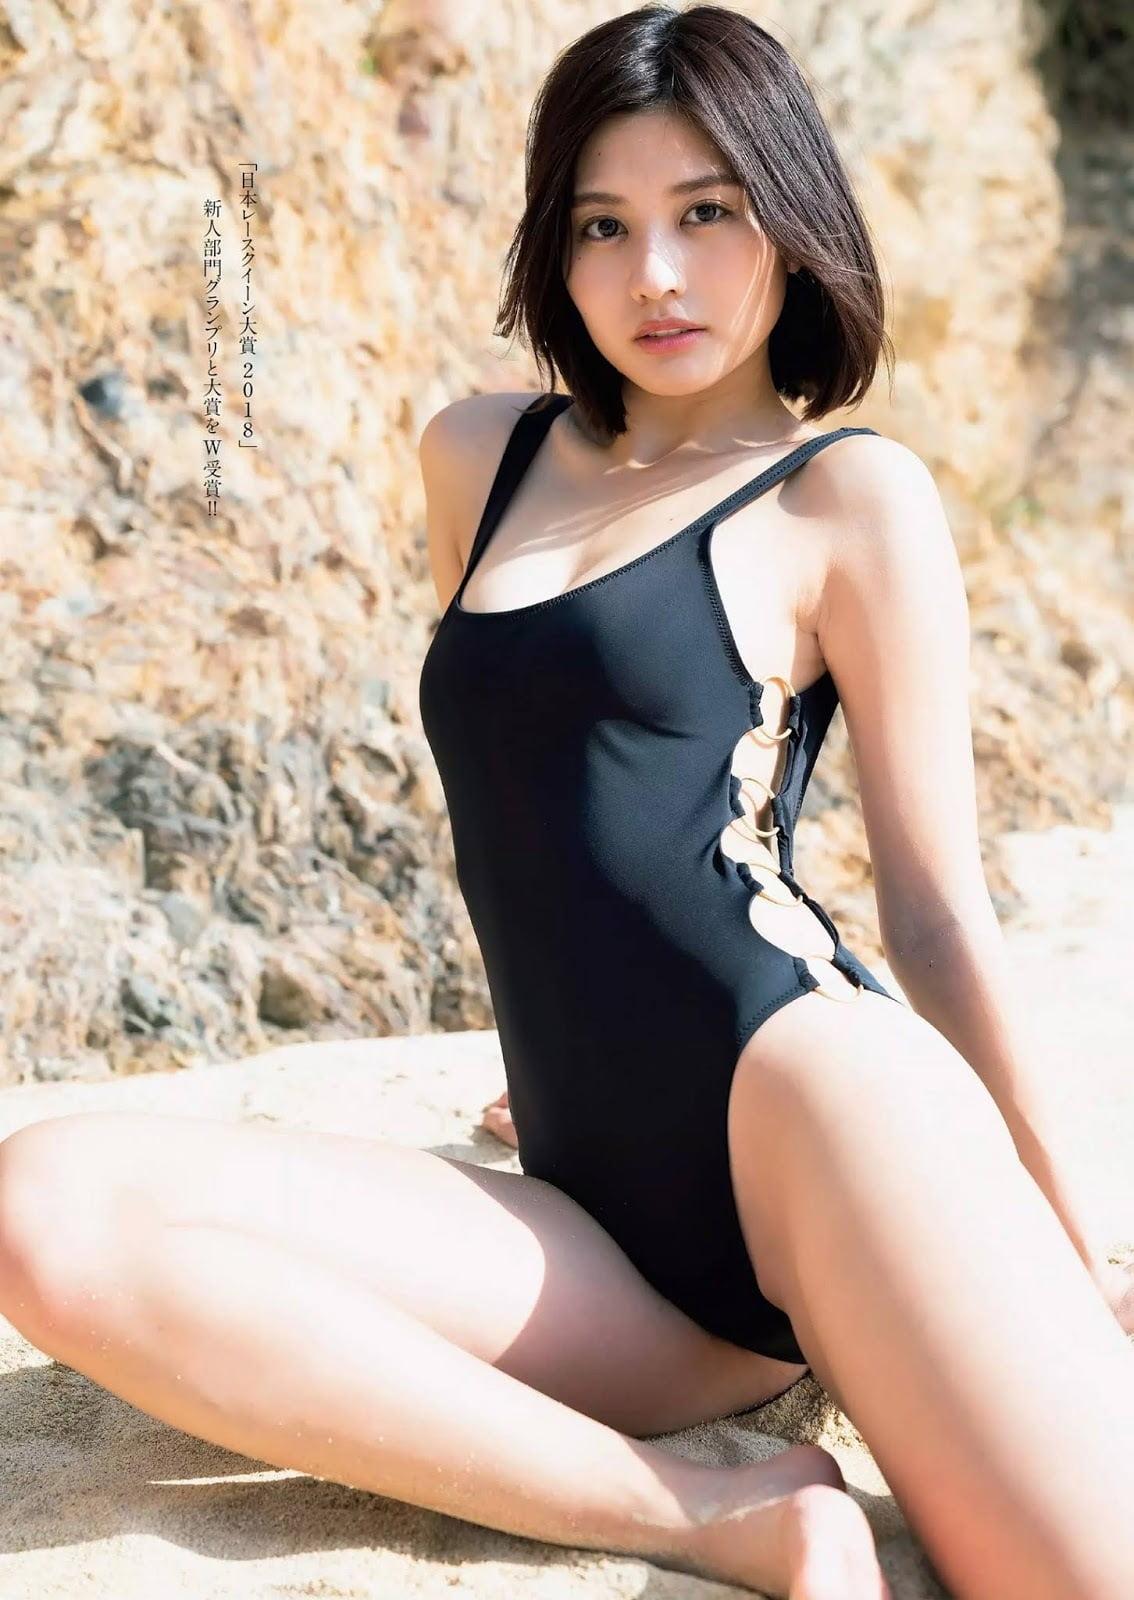 グラビアアイドル写真集|セクシーさが加速して興奮度も最高潮の高梨瑞樹グラドル画像まとめ3 100枚